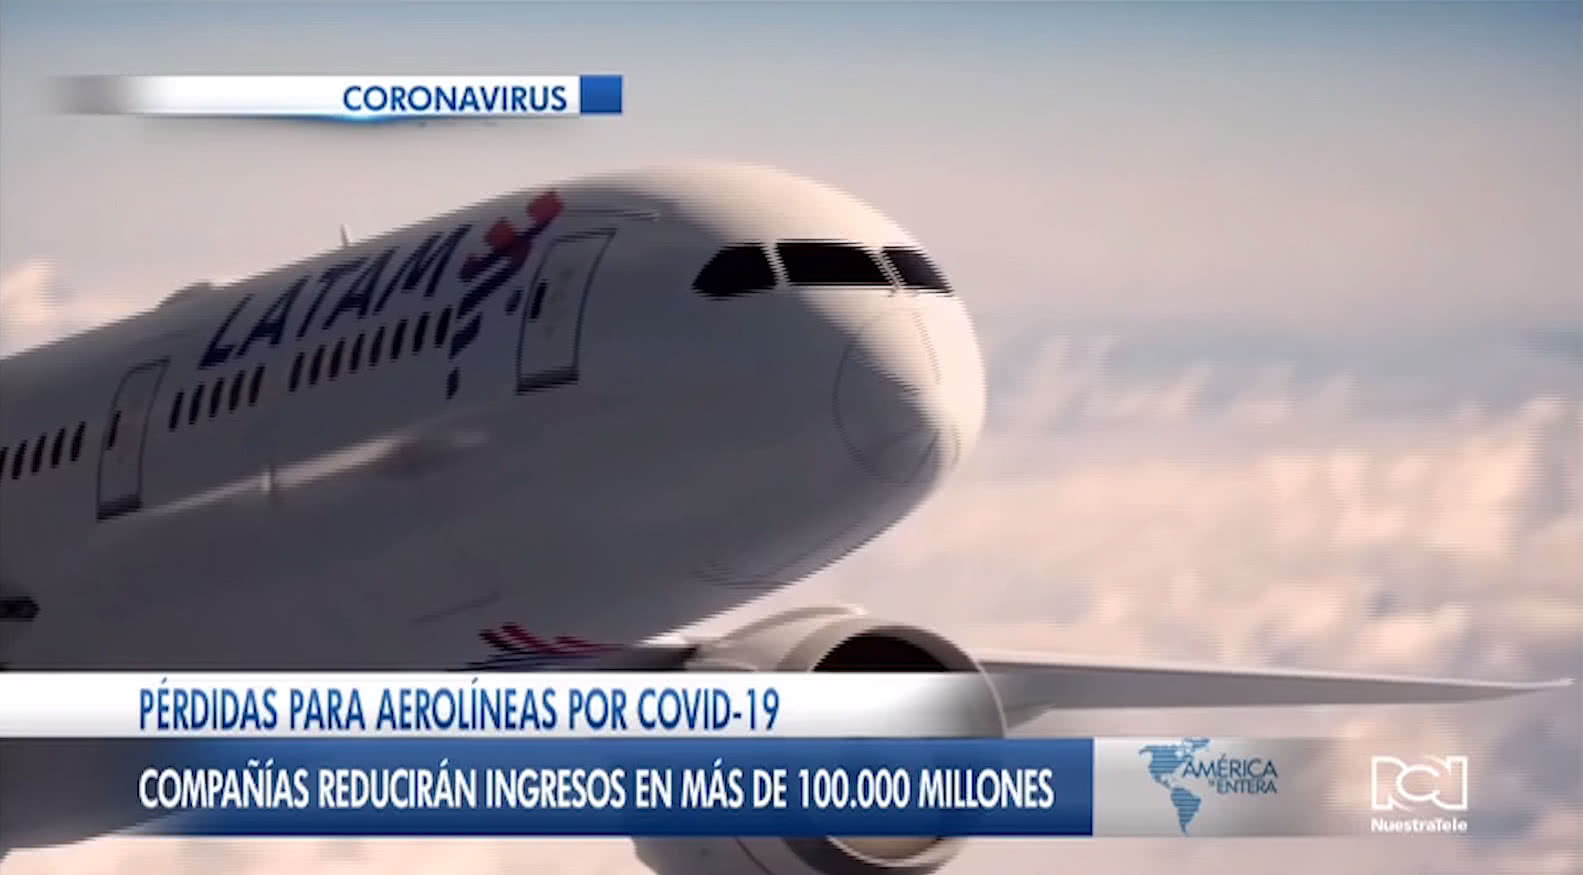 Aerolíneas perderán hasta U$D 113.000 millones por pánico causado por brote de coronavirus en 2020